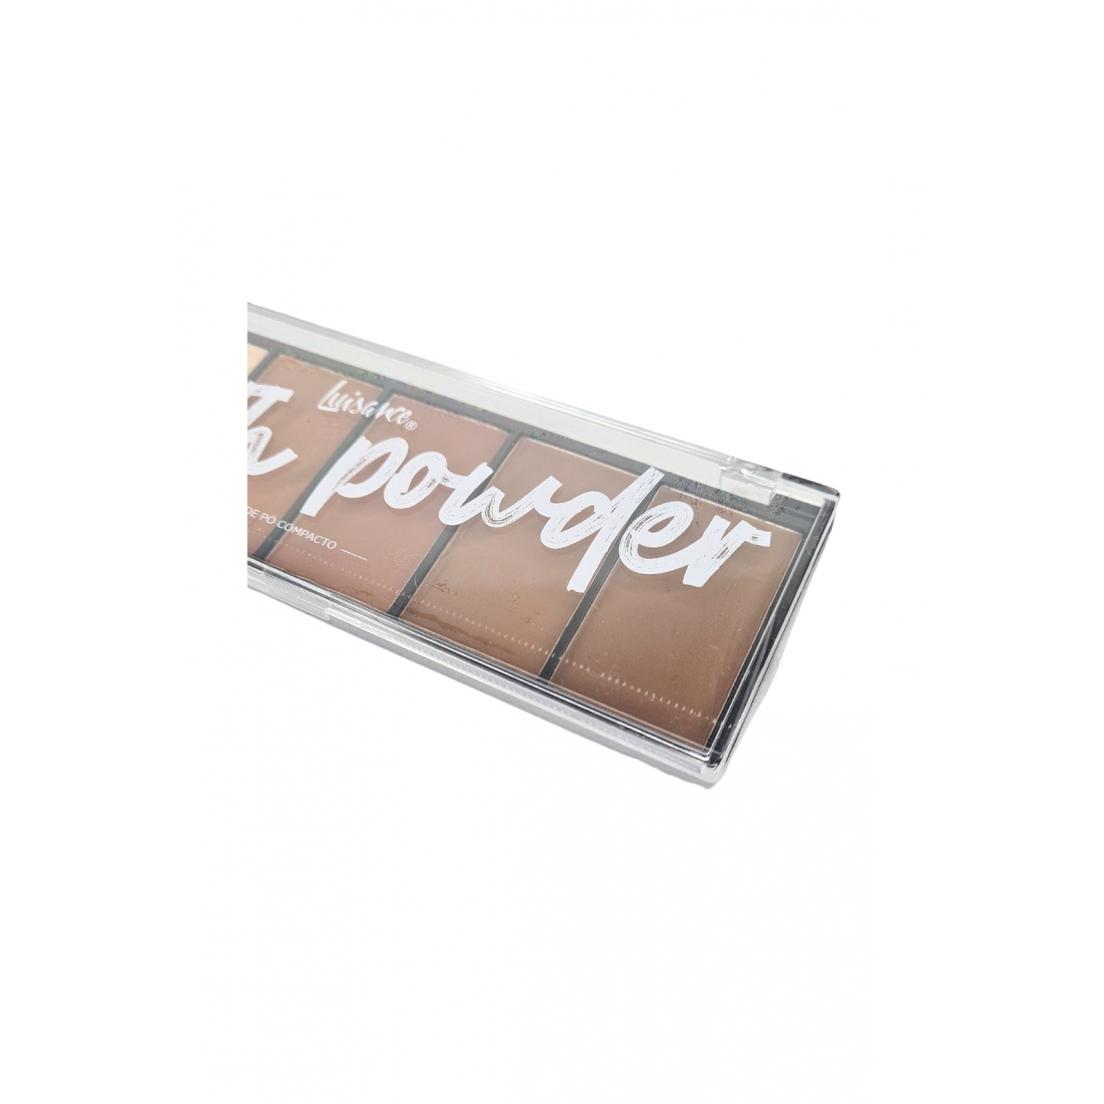 Paleta de pó compacto Smooth Power Luisance